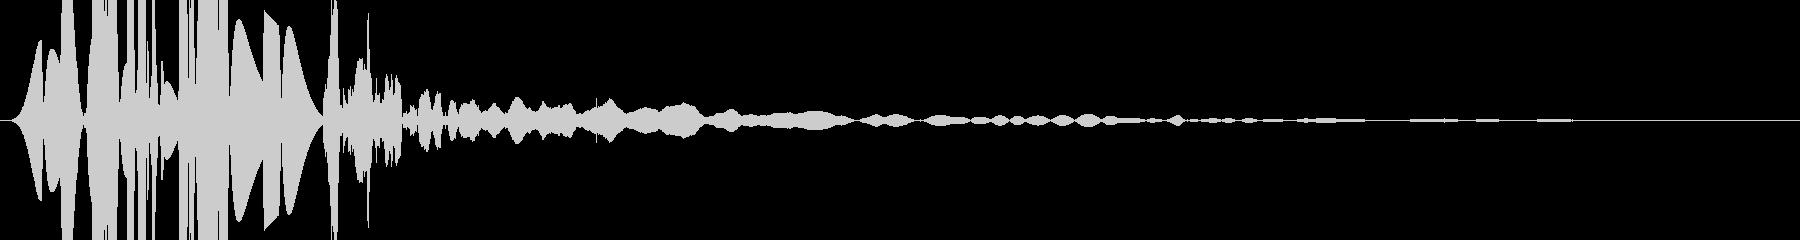 ヘビーボディパンチ;野球のグローブ...の未再生の波形